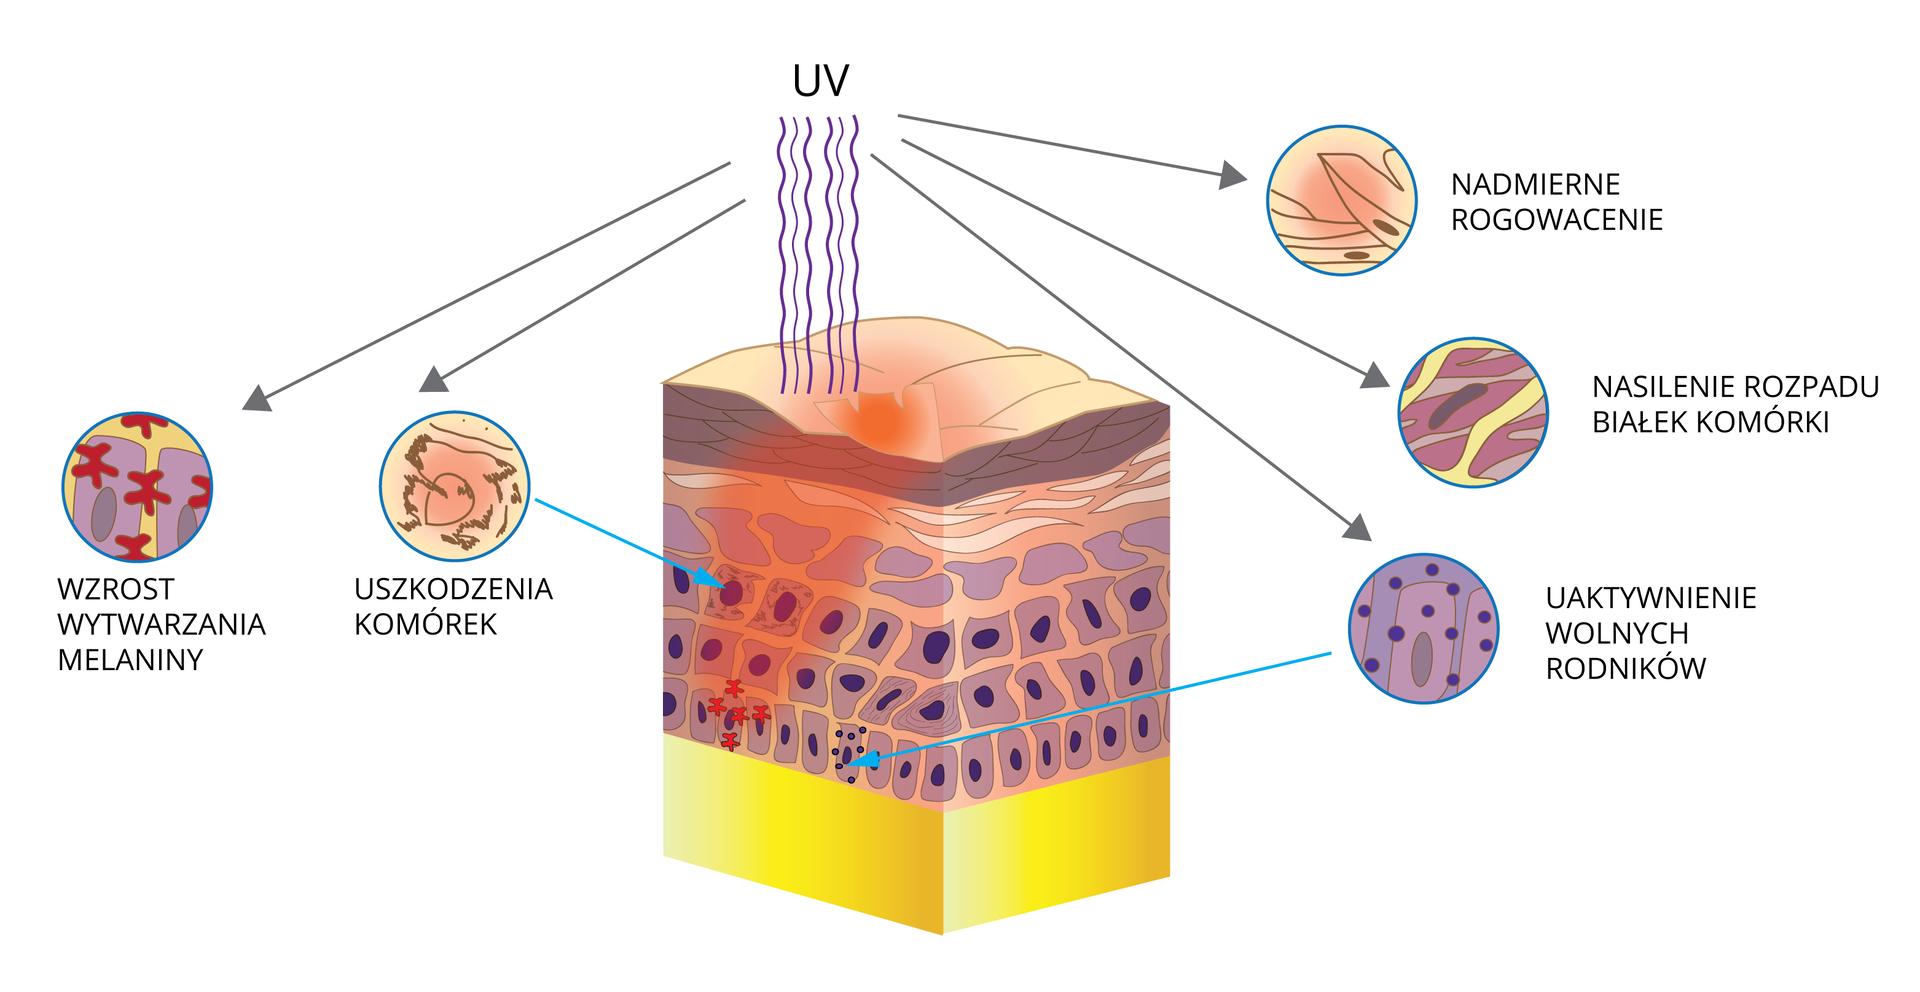 Ilustracja przedstawia schematycznie wpływ promieniowania UV na skórę. Wcentrum znajduje się duży sześcian, ilustrujący przekrój skóry. Od góry wjego wierzchnią warstwę uderzają faliste, fioletowe linie, czyli promienie ultrafioletowe. Wokół przekroju umieszczono kolejno powiększenia, ilustrujące uszkodzenia skóry przez promieniowanie ireakcję na nie. Strzałki wskazują miejsce, opisane przy powiększeniu. Od góry od lewej przedstawiono uszkodzenie komórek. Komórka ma brązowe, poszarpane brzegi ,jasnoróżowe jądro komórki jest odsłonięte. Następuje wzrost wytwarzania melaniny. Symbolizują to czerwone gwiazdki pomiędzy fioletowymi, kwadratowymi ścianami komórek. Trzecie kółko przedstawia uaktywnienie wolnych rodników. Zliliowych komórek unoszą się fioletowe kropki. Następnie ilustracja nasilonego rozpadu białek komórki. Kilka liliowych pasm jest przeciętych żółtymi pasmami. Po prawej ugóry ukazano nadmierne rogowacenie. Brązowe łuski to najstarsze komórki, ale zjądrami . Niektóre zadzierają się do góry. Na powierzchni skóry wskazano, że wtym miejscu wyraźnie się zapada.